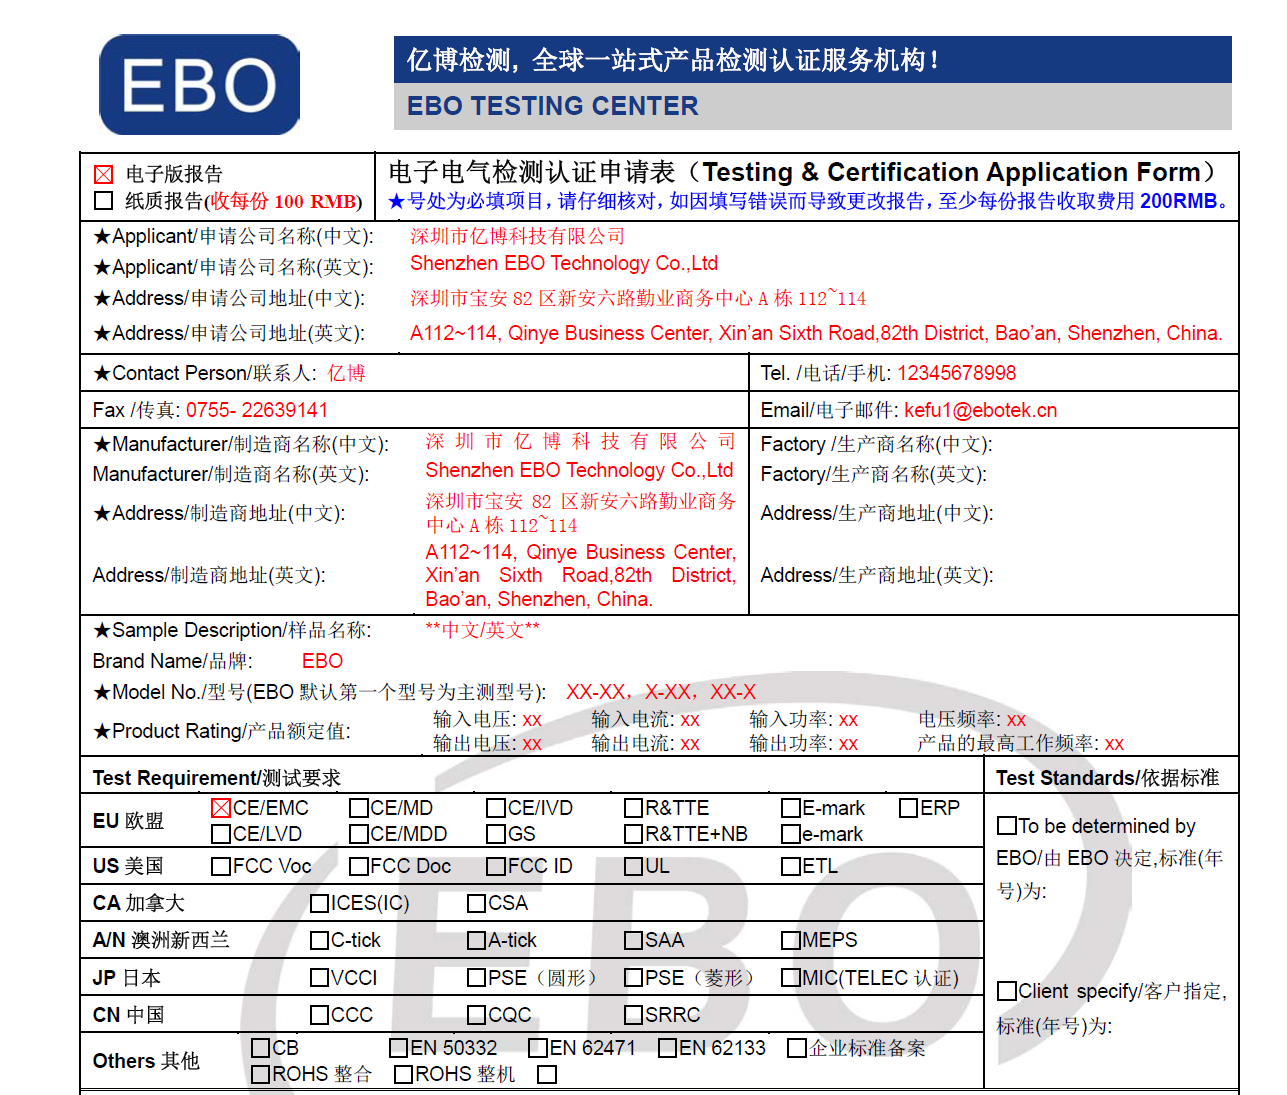 电子电器测试申请表